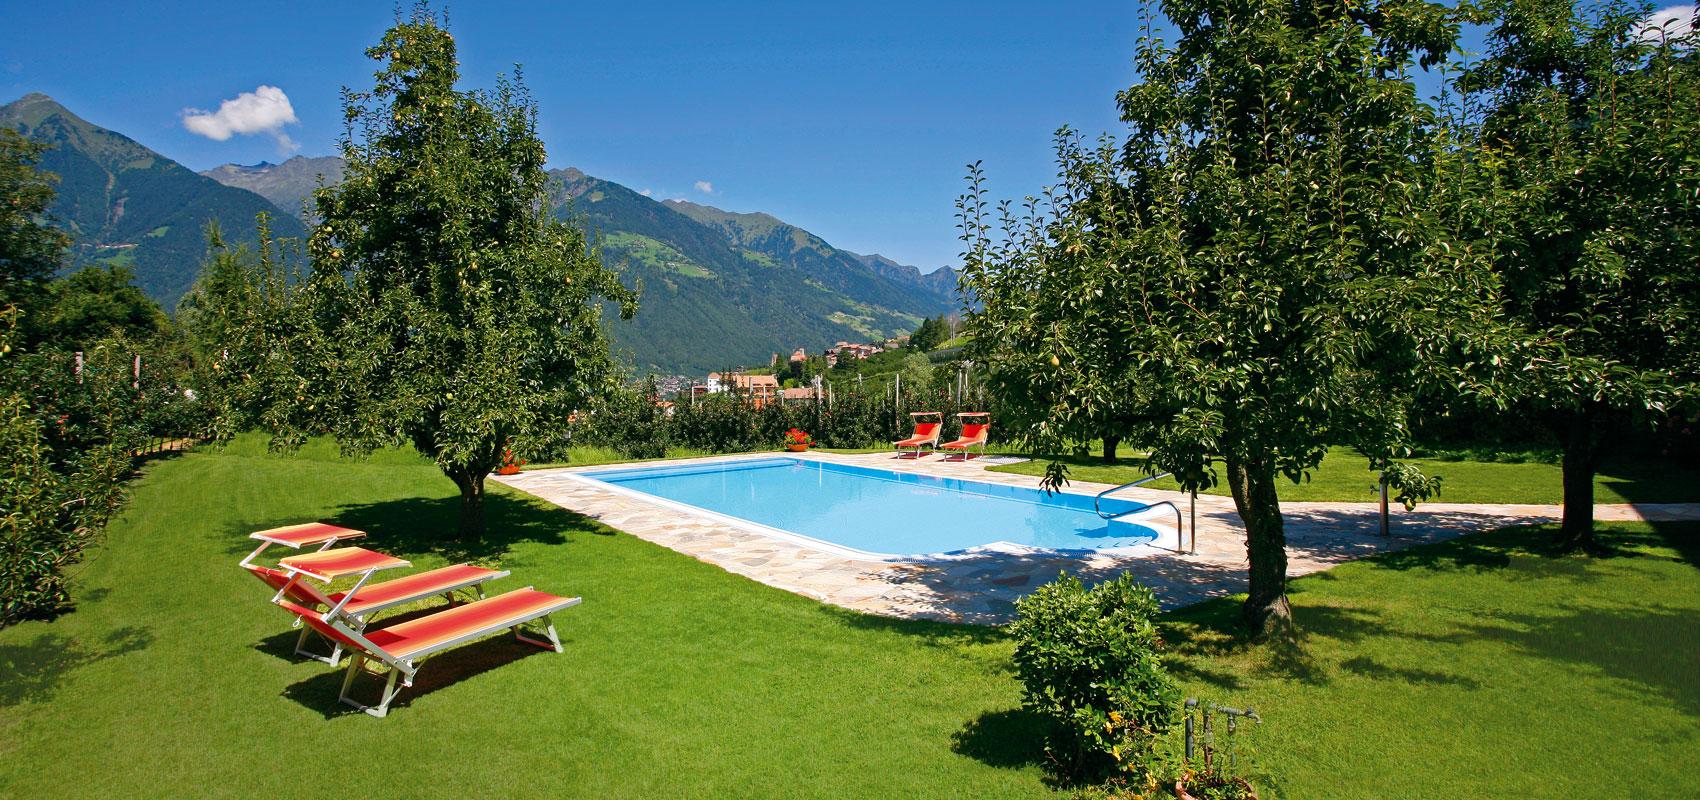 Schwimmbad garten garni pluner for Garten pool 366